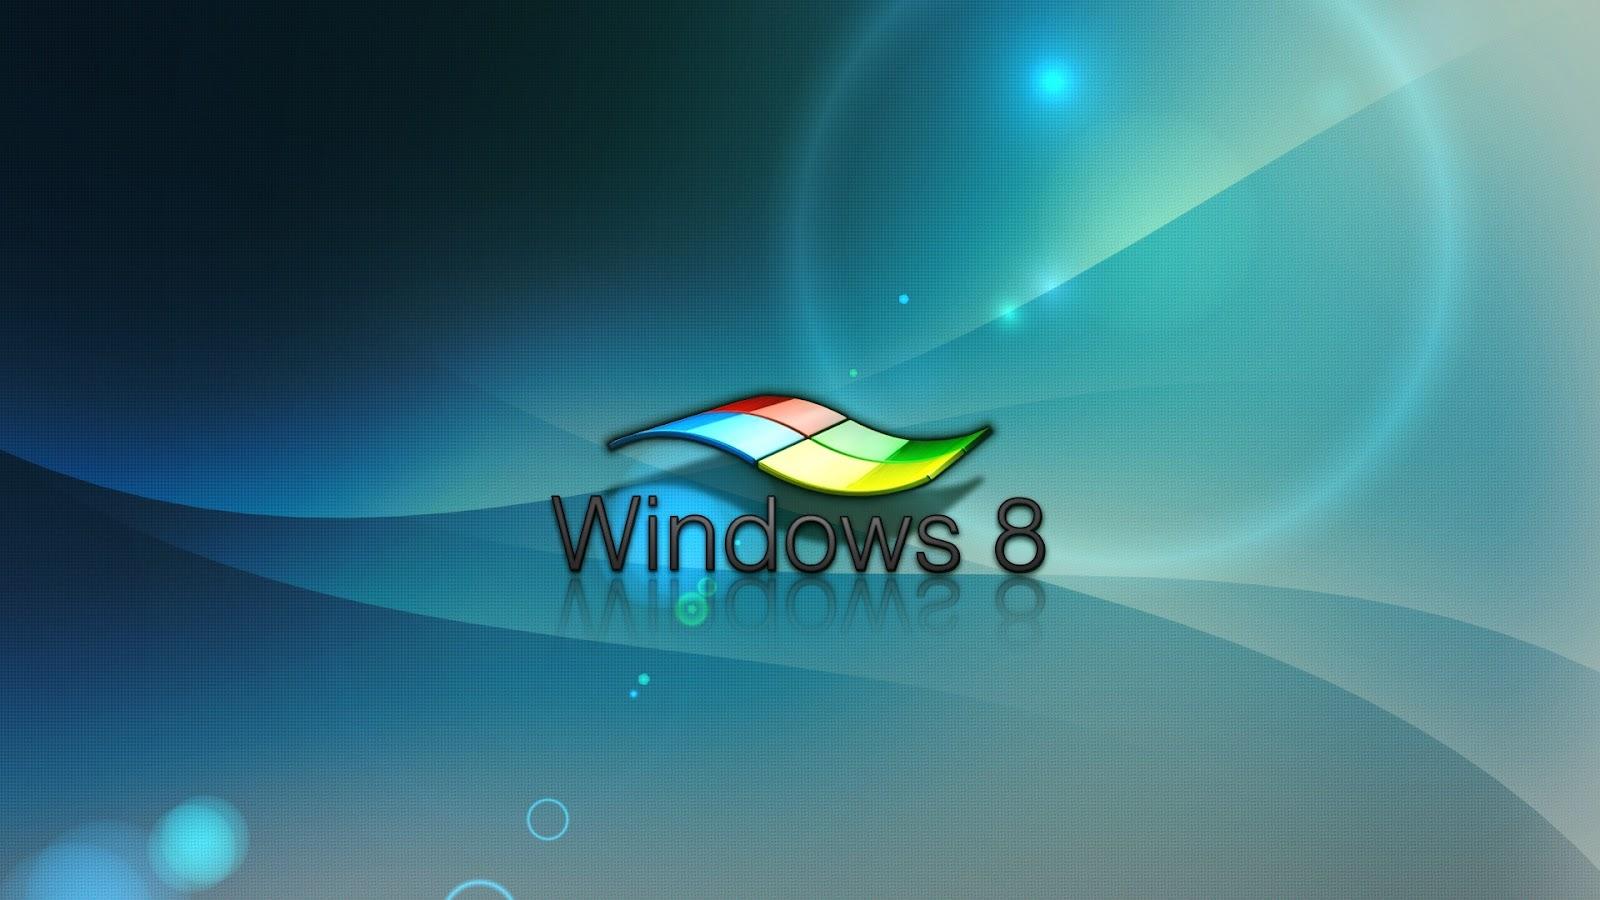 http://3.bp.blogspot.com/-D_2urT_sJZQ/UCNMhe6CH0I/AAAAAAAAAdE/B8suRg9v7jY/s1600/Windows%208%20Hd%201080%20Wallpaper%20(30).jpg